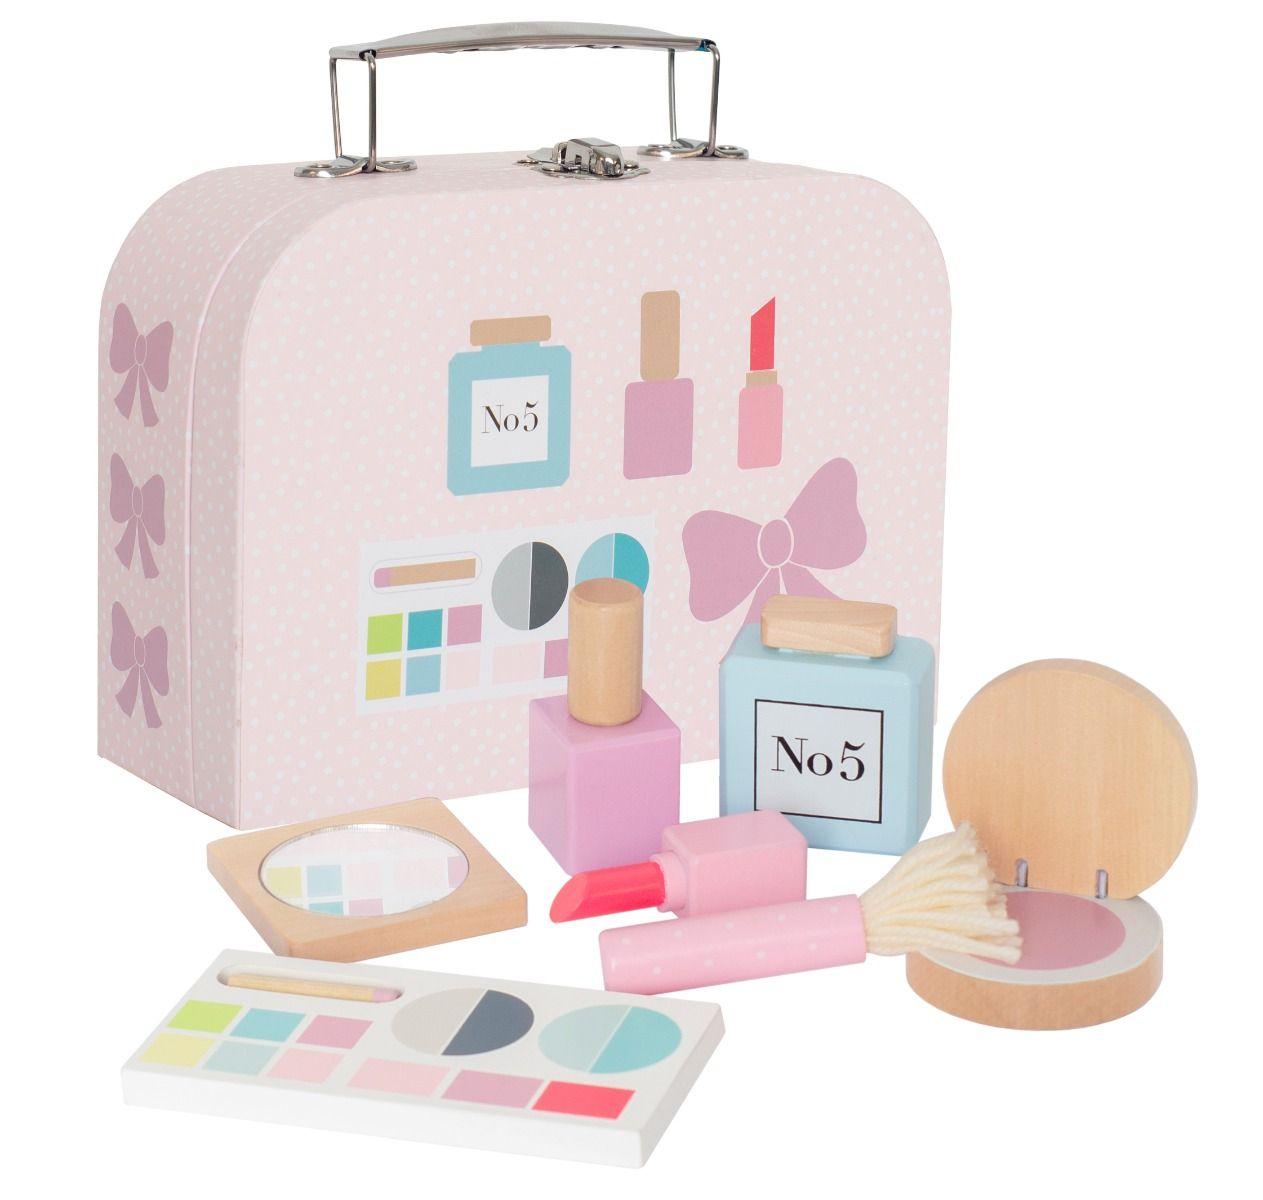 Schminkköfferchen Spielzeug Make Up mit viel Zubehör rosa